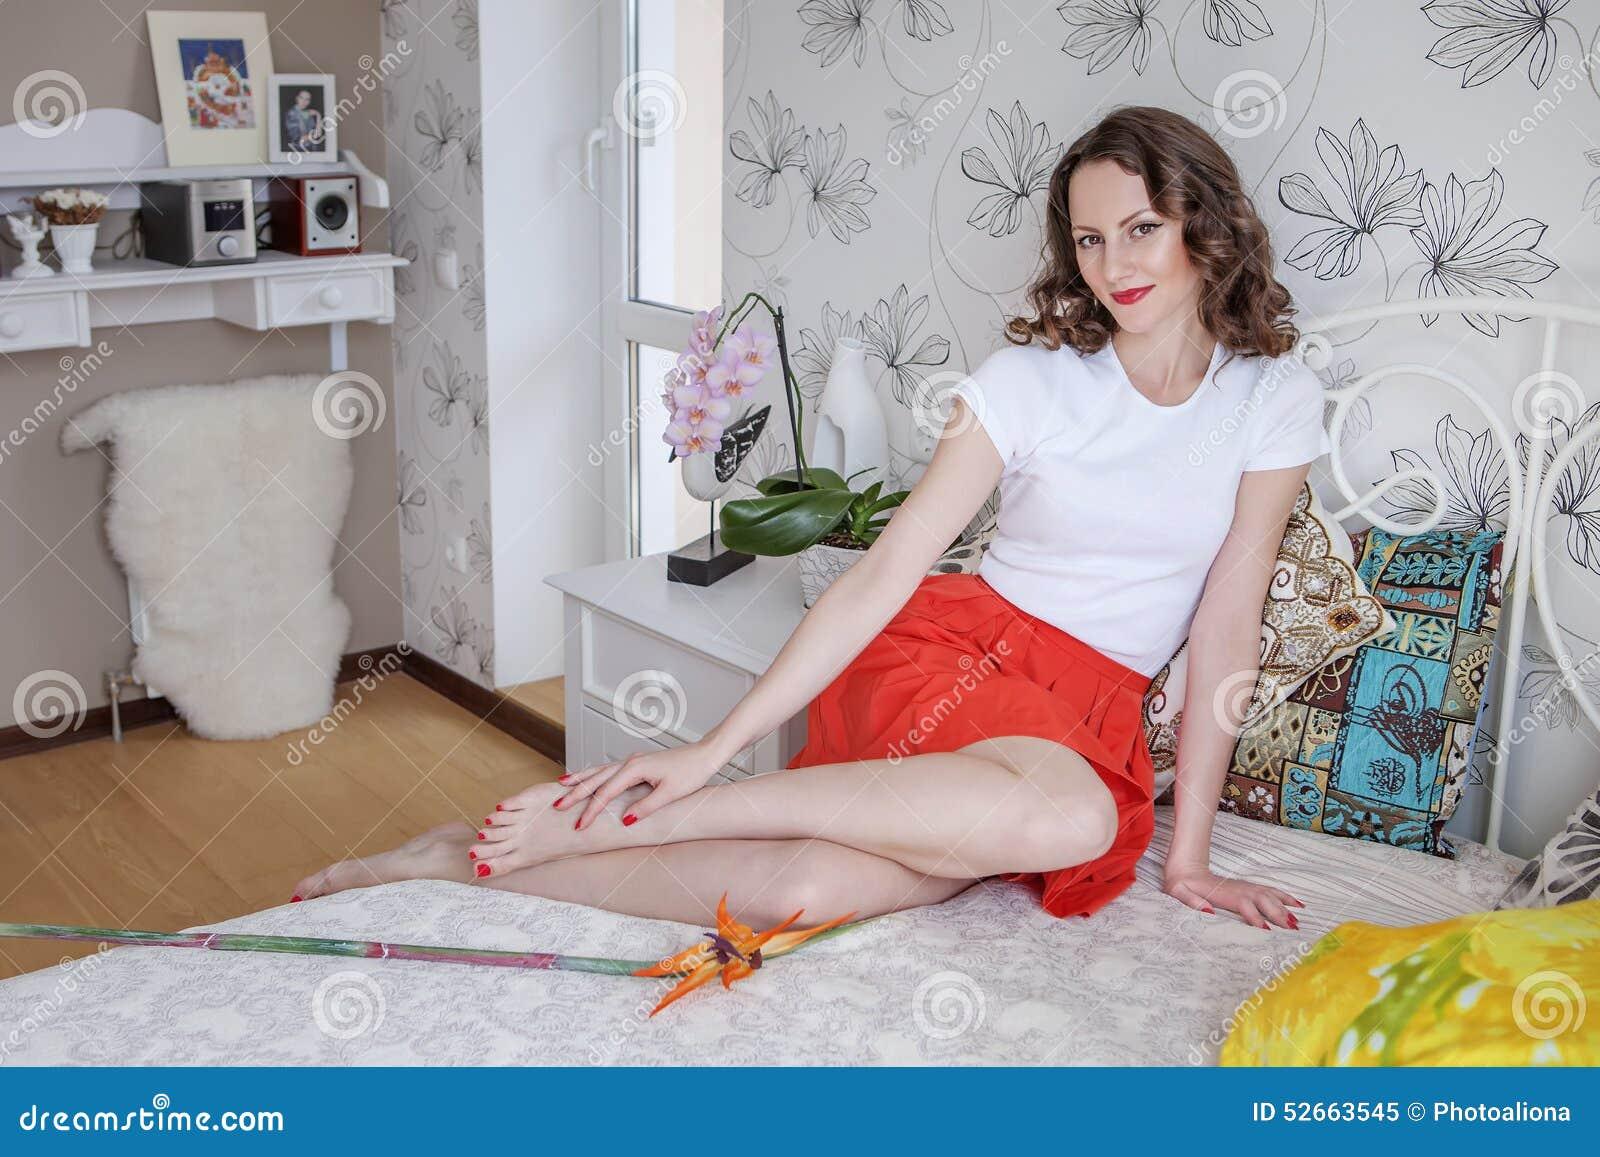 chambre a coucher jeune fille avec des id es int ressantes pour la conception de. Black Bedroom Furniture Sets. Home Design Ideas